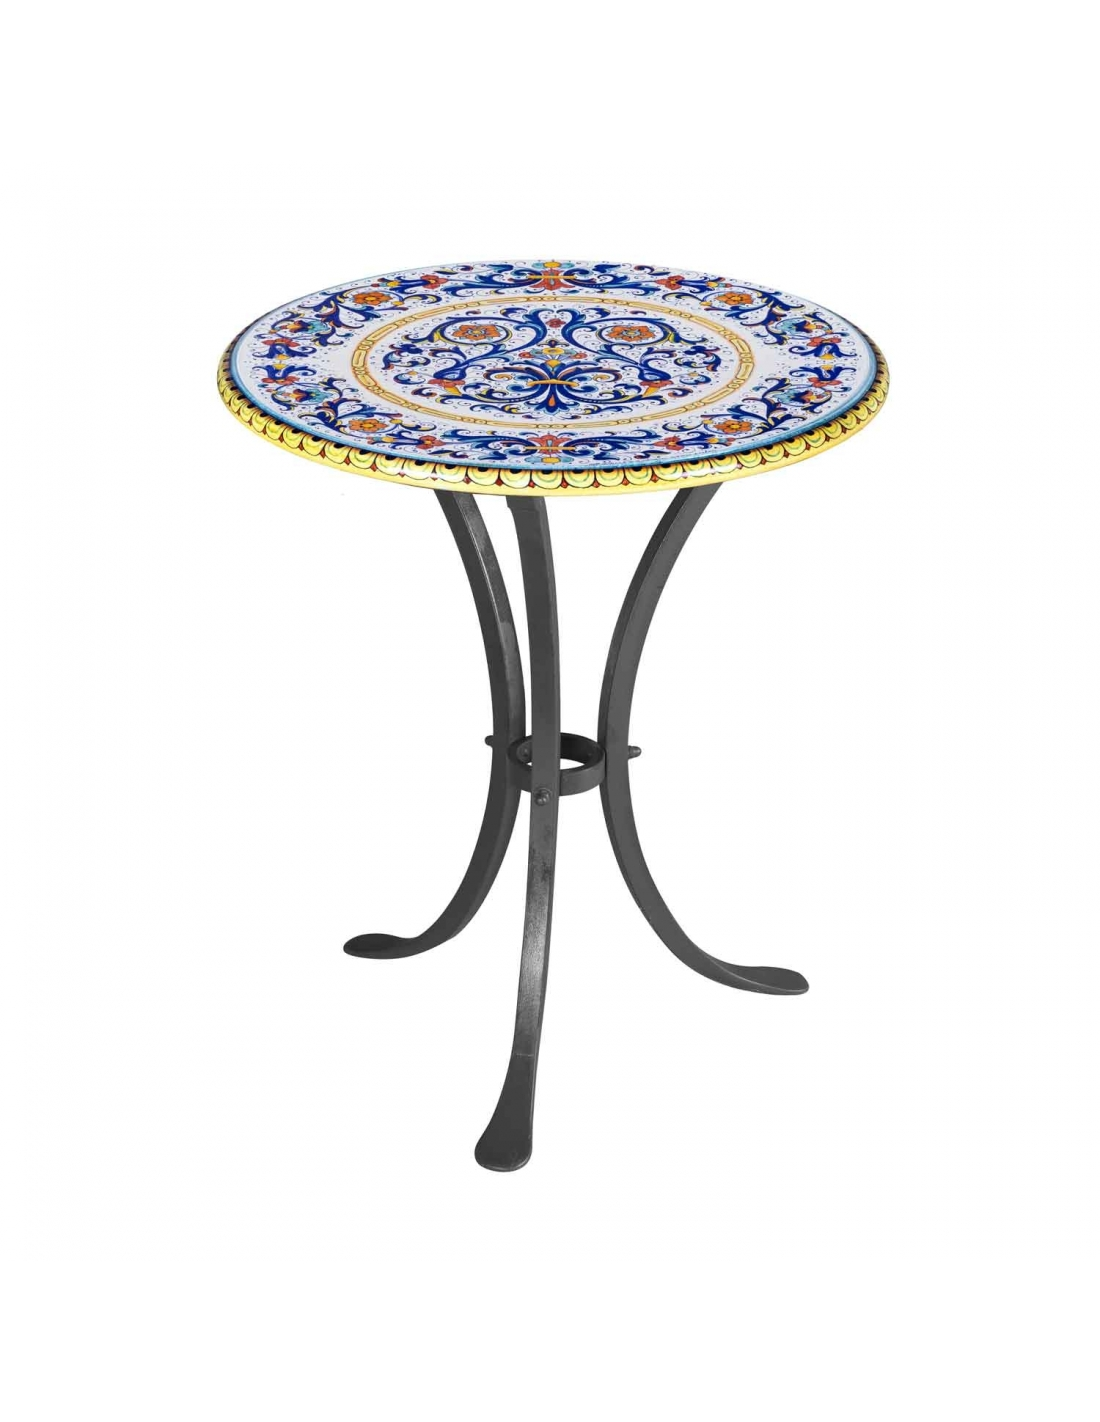 Tavolo ovale in pietra vulcanica con base di ferro zincata decorato a mano come da tradizione derutese. Round Table O 60 Cm With Our Ricco Deruta Collection